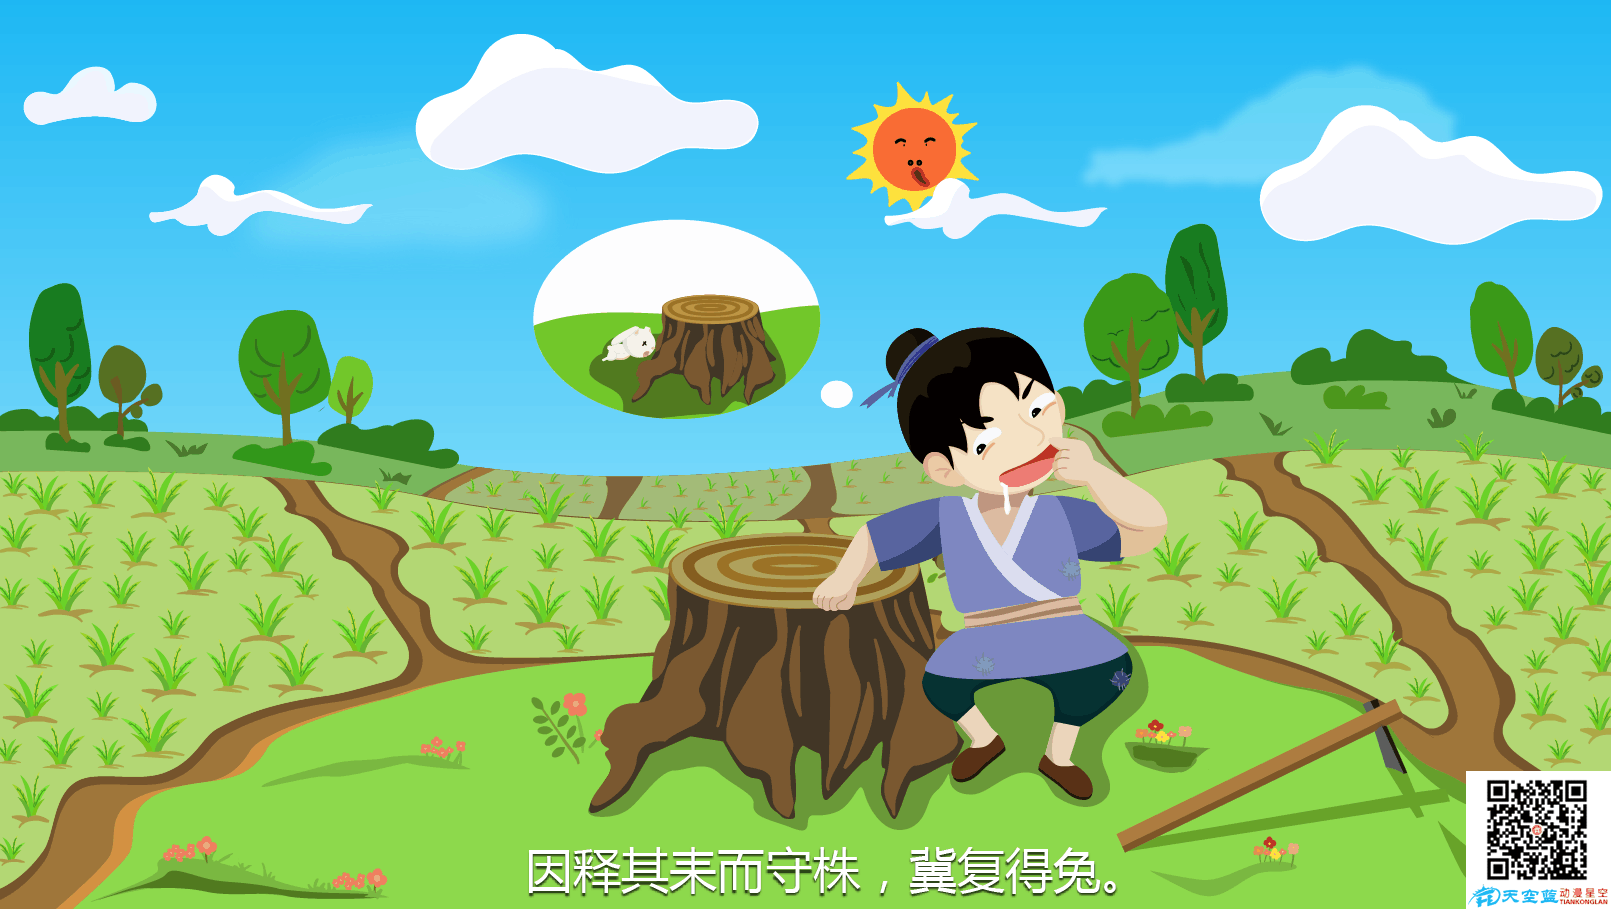 四字成语故事flash课件制作「守株待兔」动画视频制作